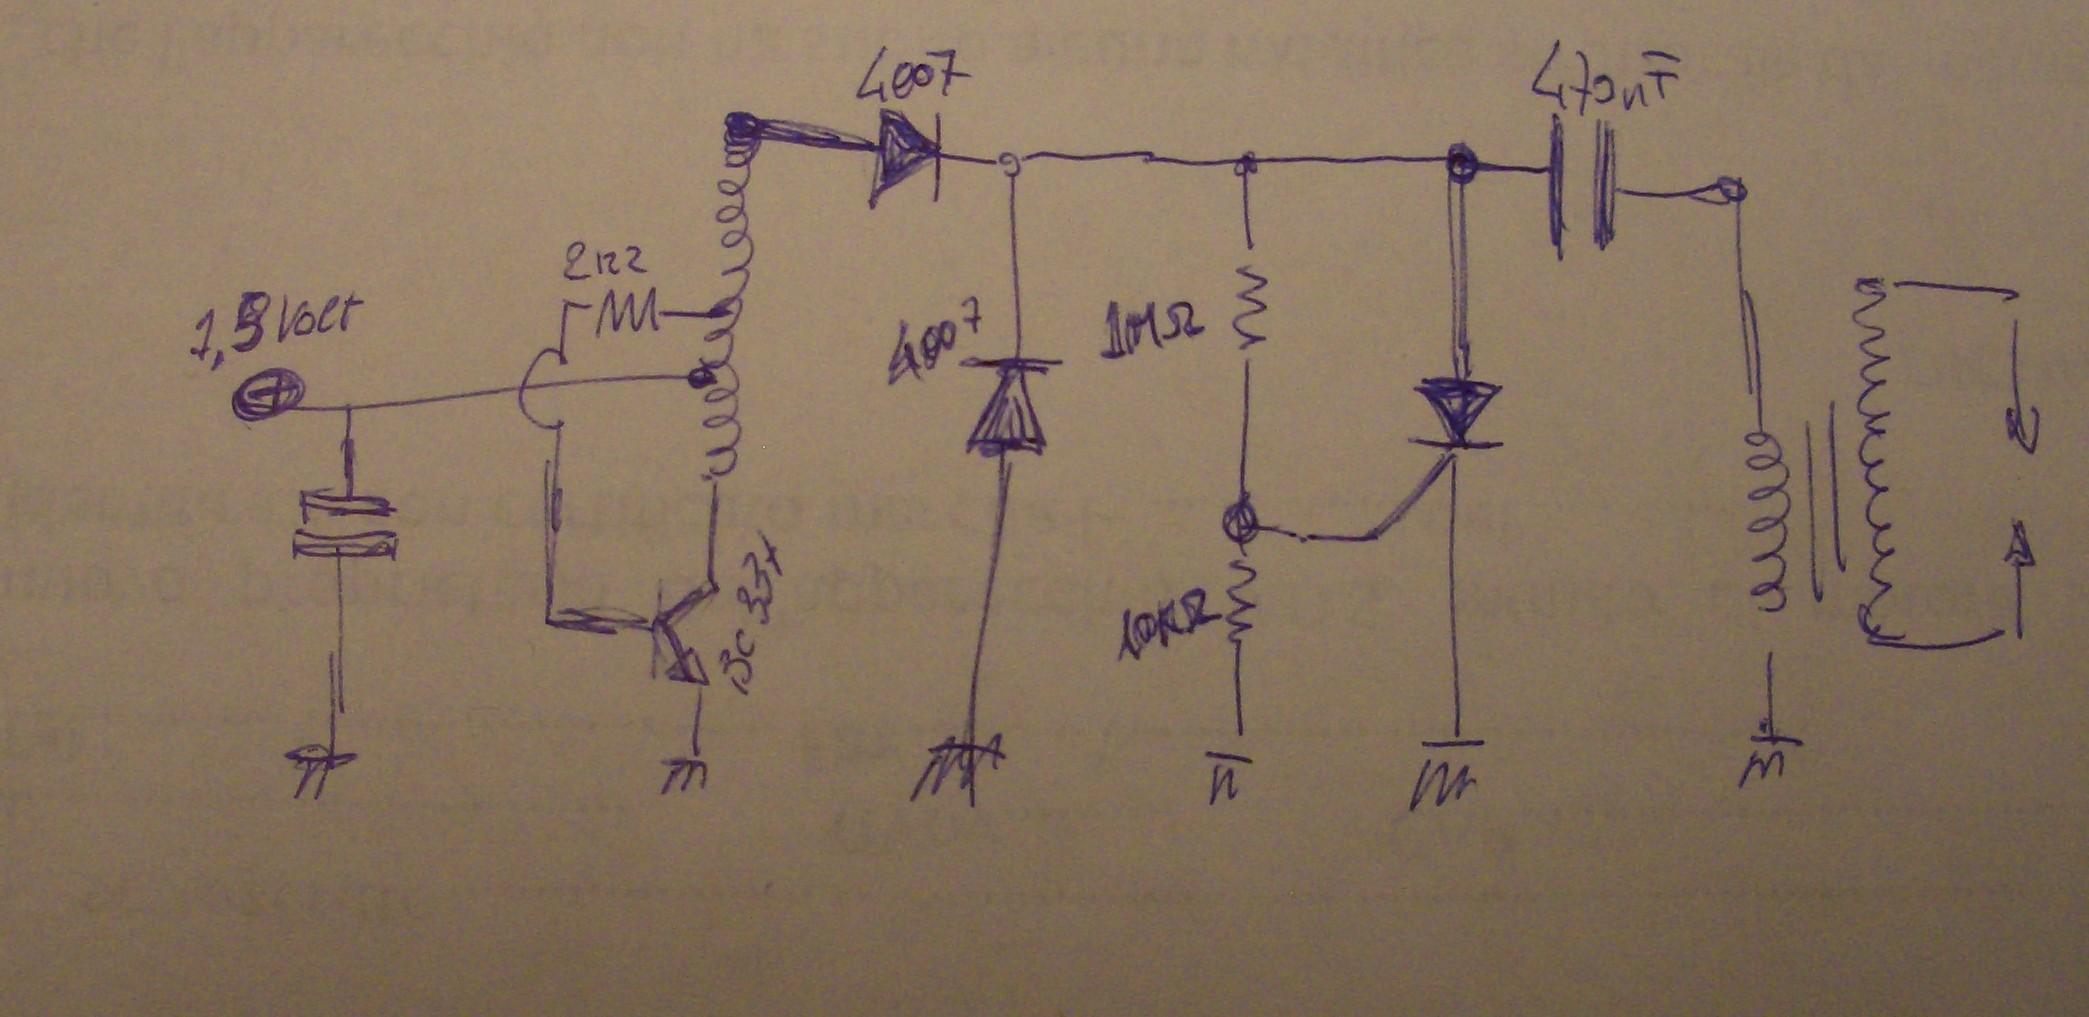 Schema Elettrico Elevatore Di Tensione : Anatomia di un accendigas elettrico